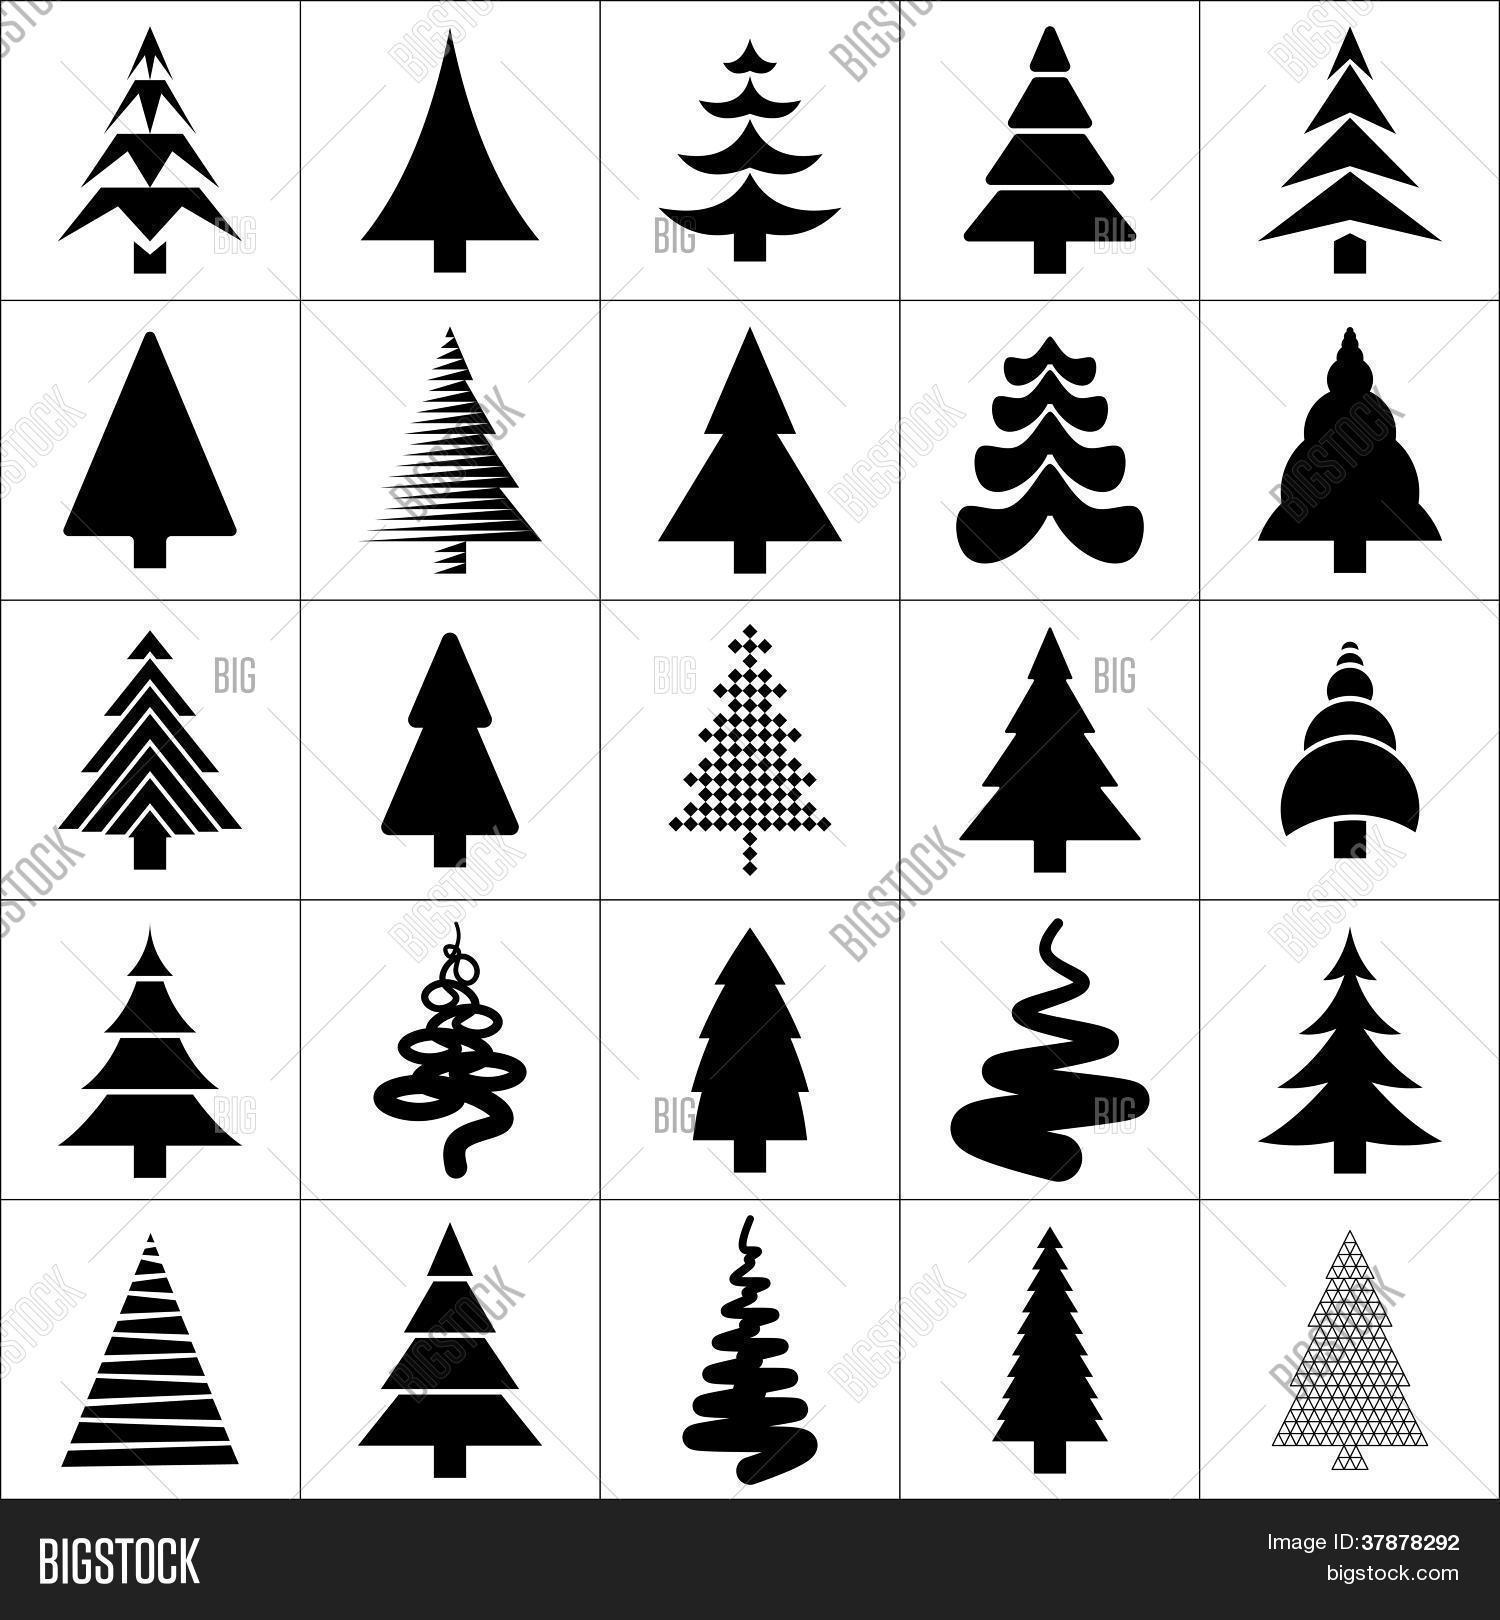 vektorgrafik und foto weihnachtsbaum silhouette bigstock. Black Bedroom Furniture Sets. Home Design Ideas